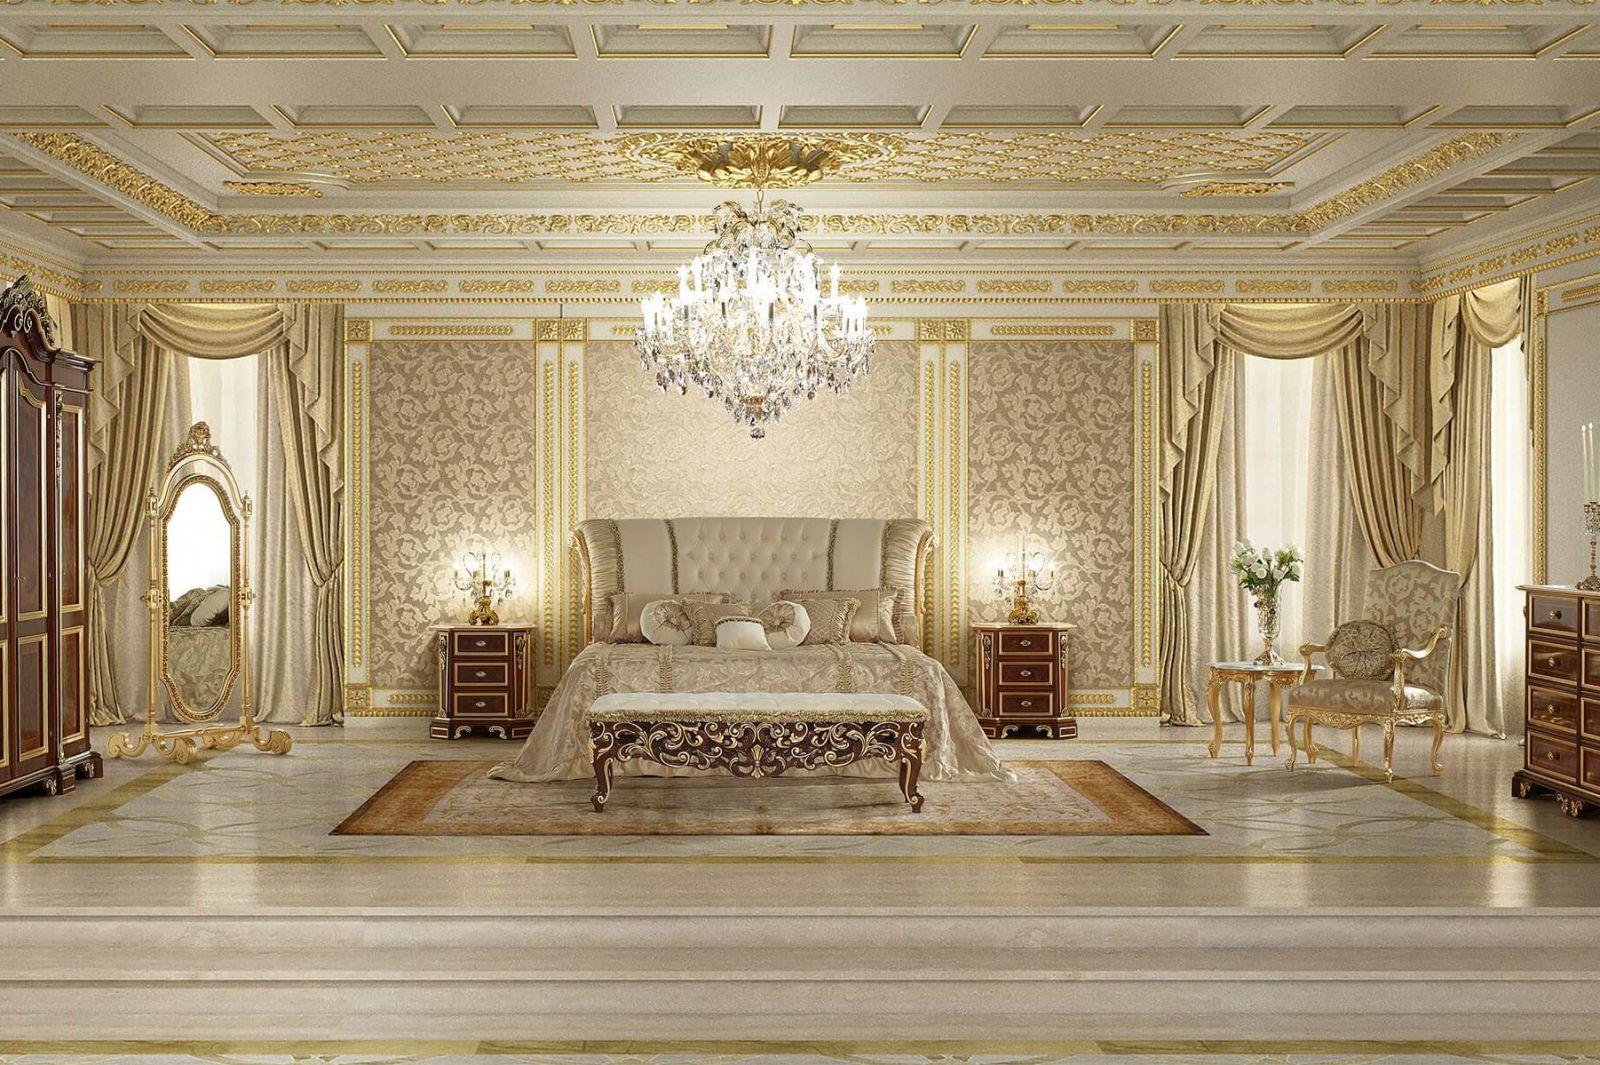 Nội thất phòng ngủ theo kiểu cổ điển Châu Âu xa hoa lộng lẫy